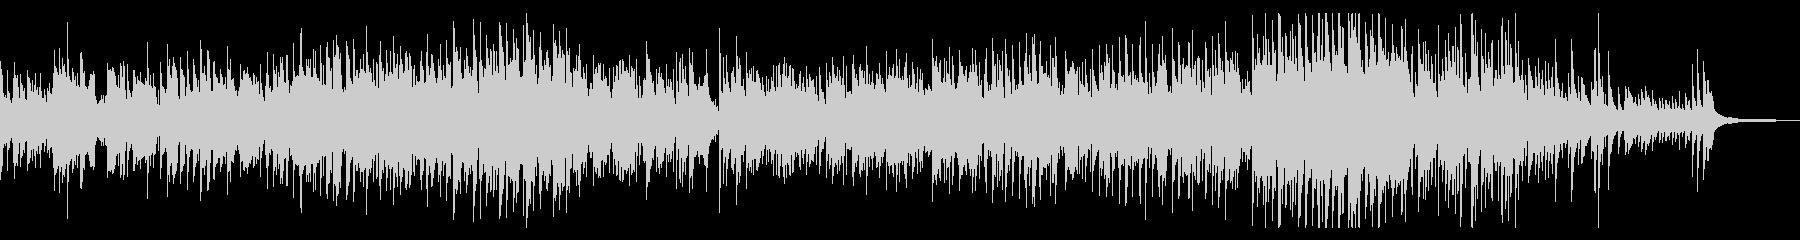 バイオリンの感動的なバラード/結婚式の未再生の波形